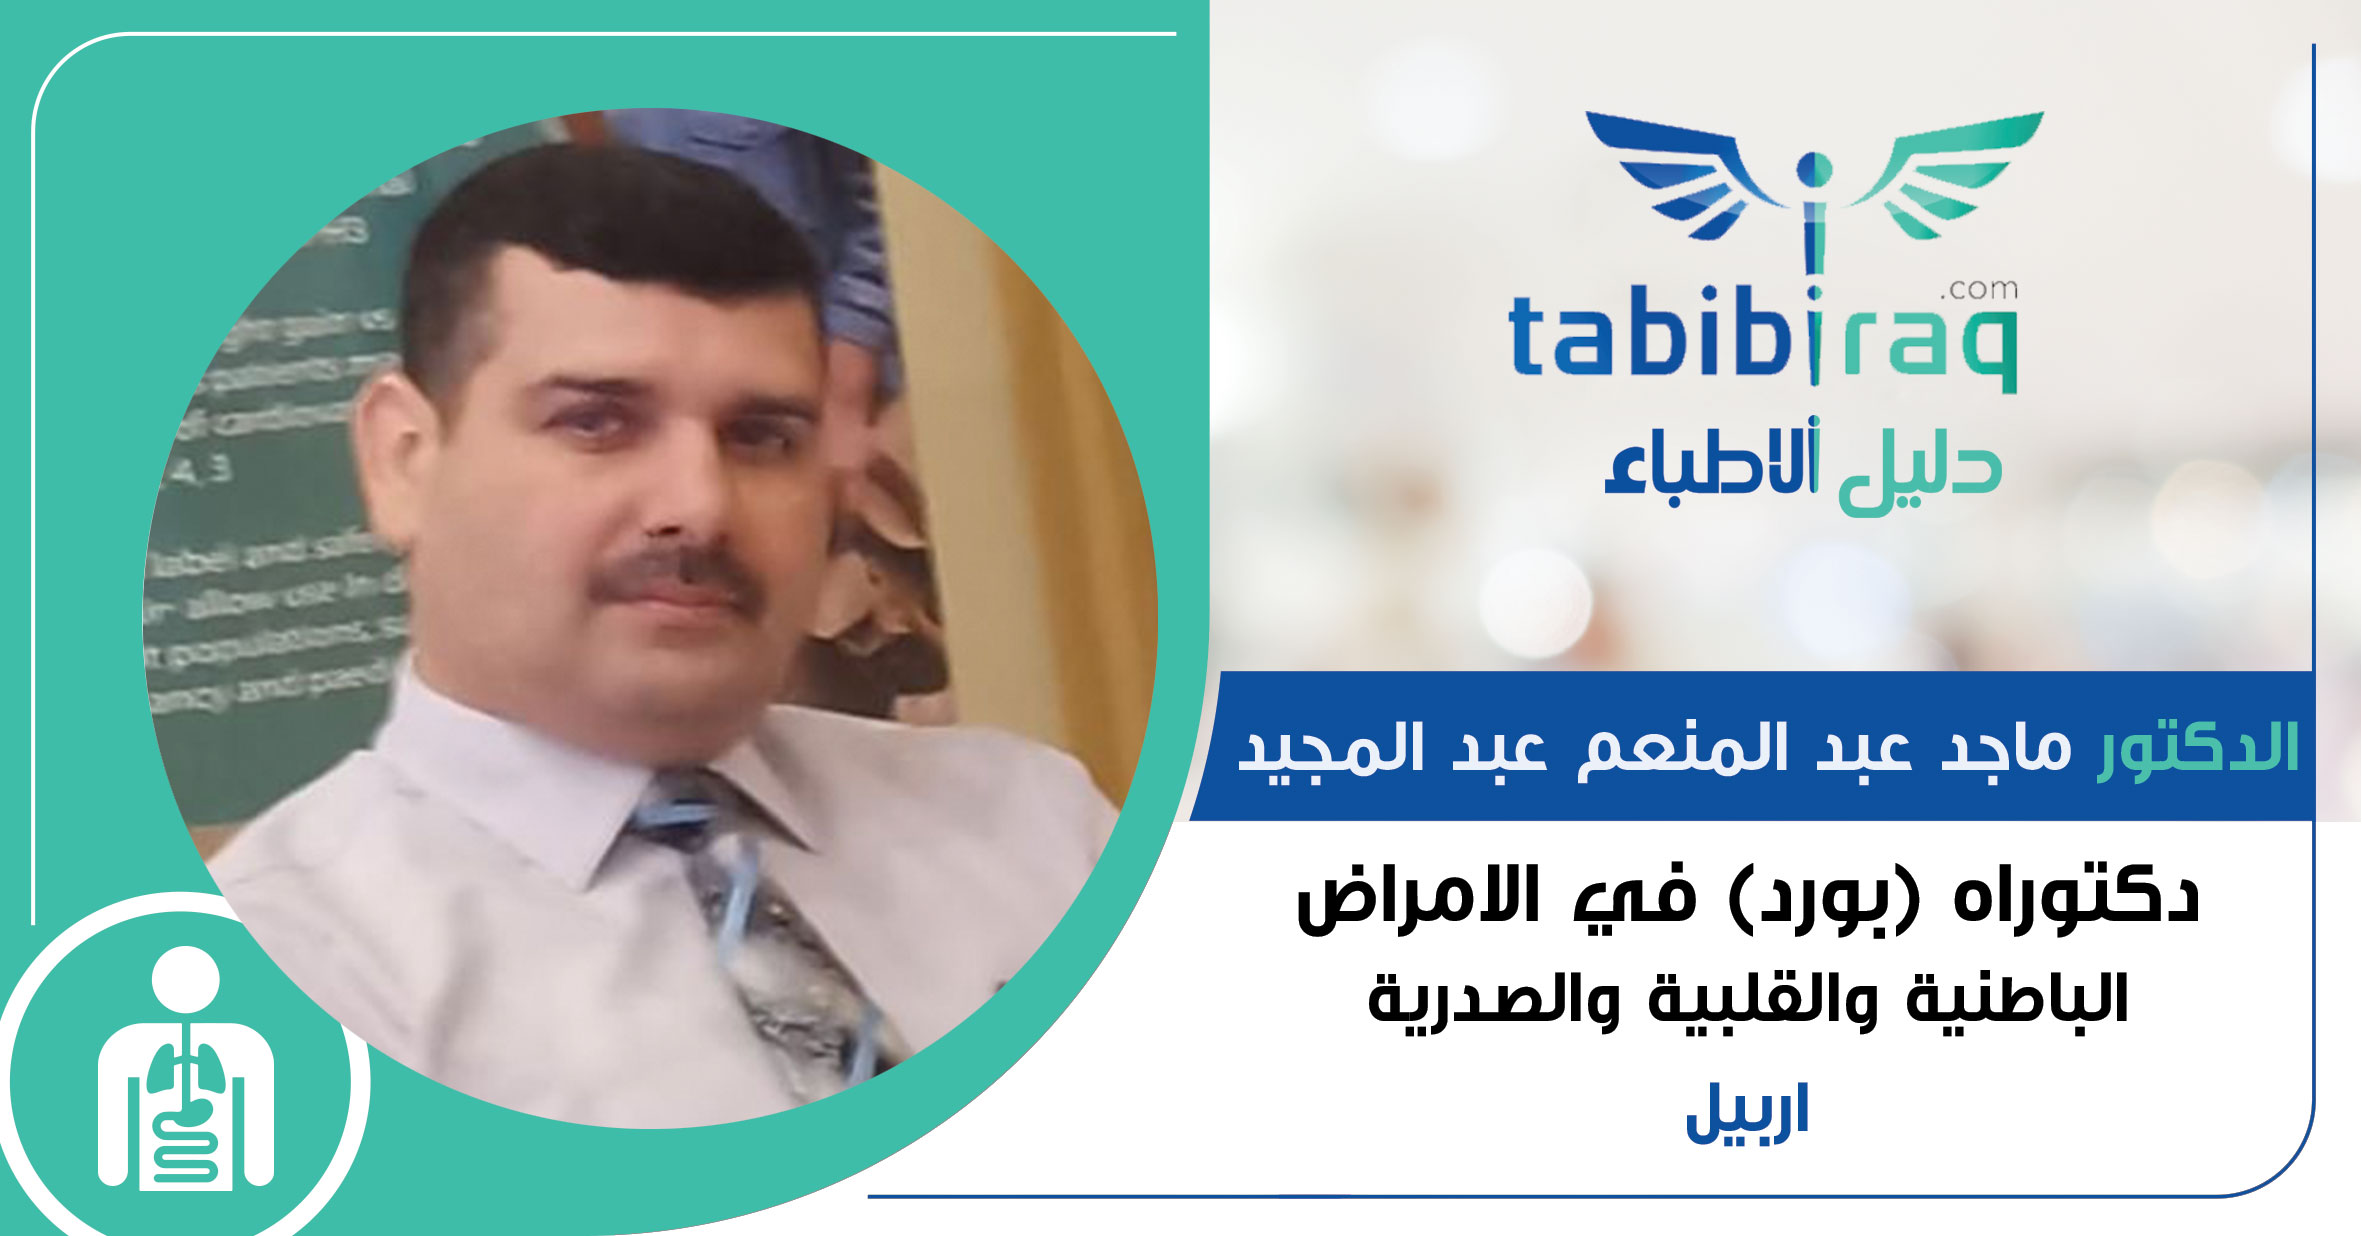 الدكتور ماجد عبد المنعم عبد المجيد